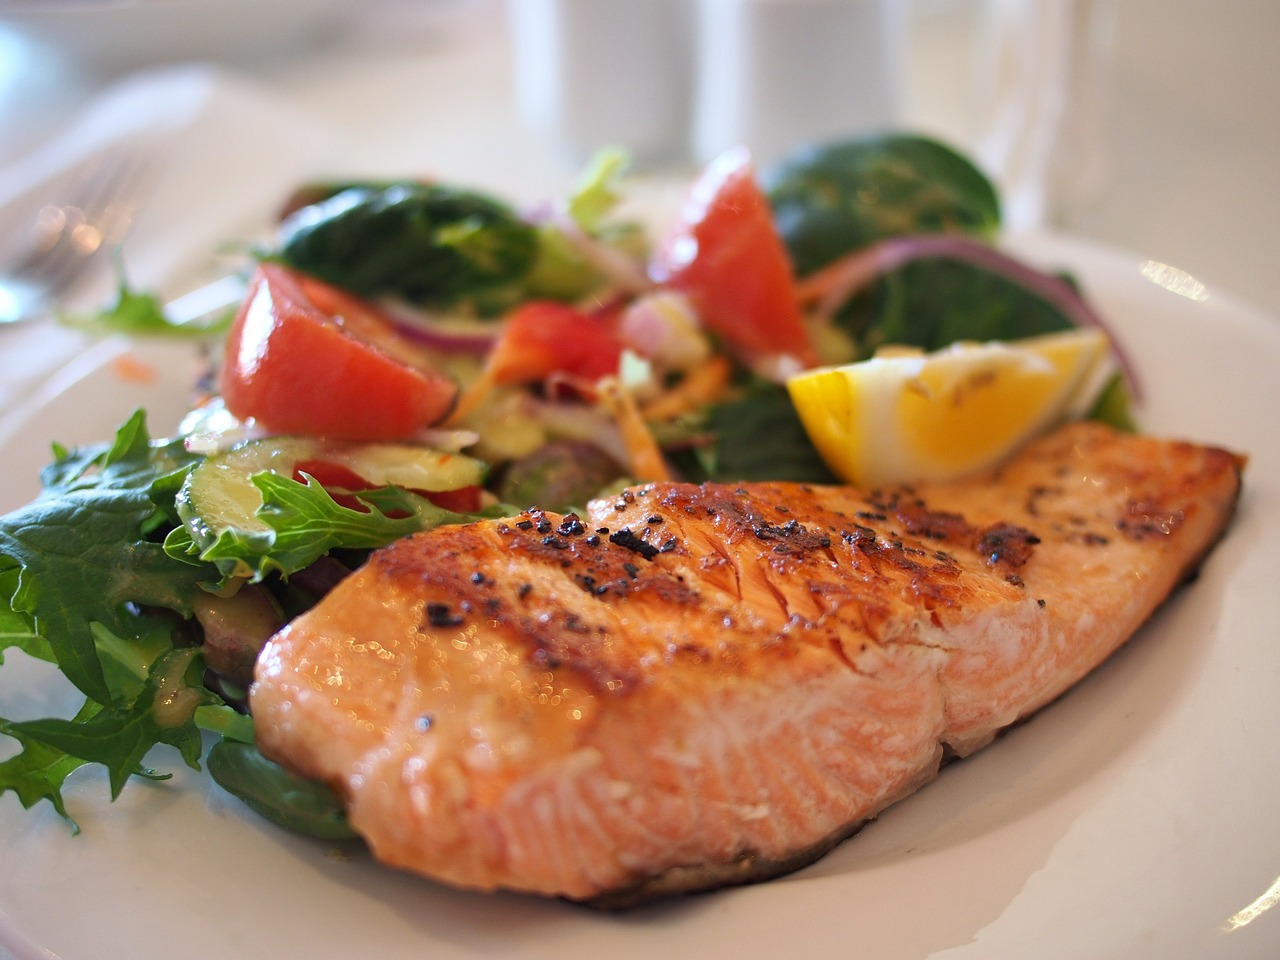 Déguster un bon repas dans un restaurant au bord de la plage